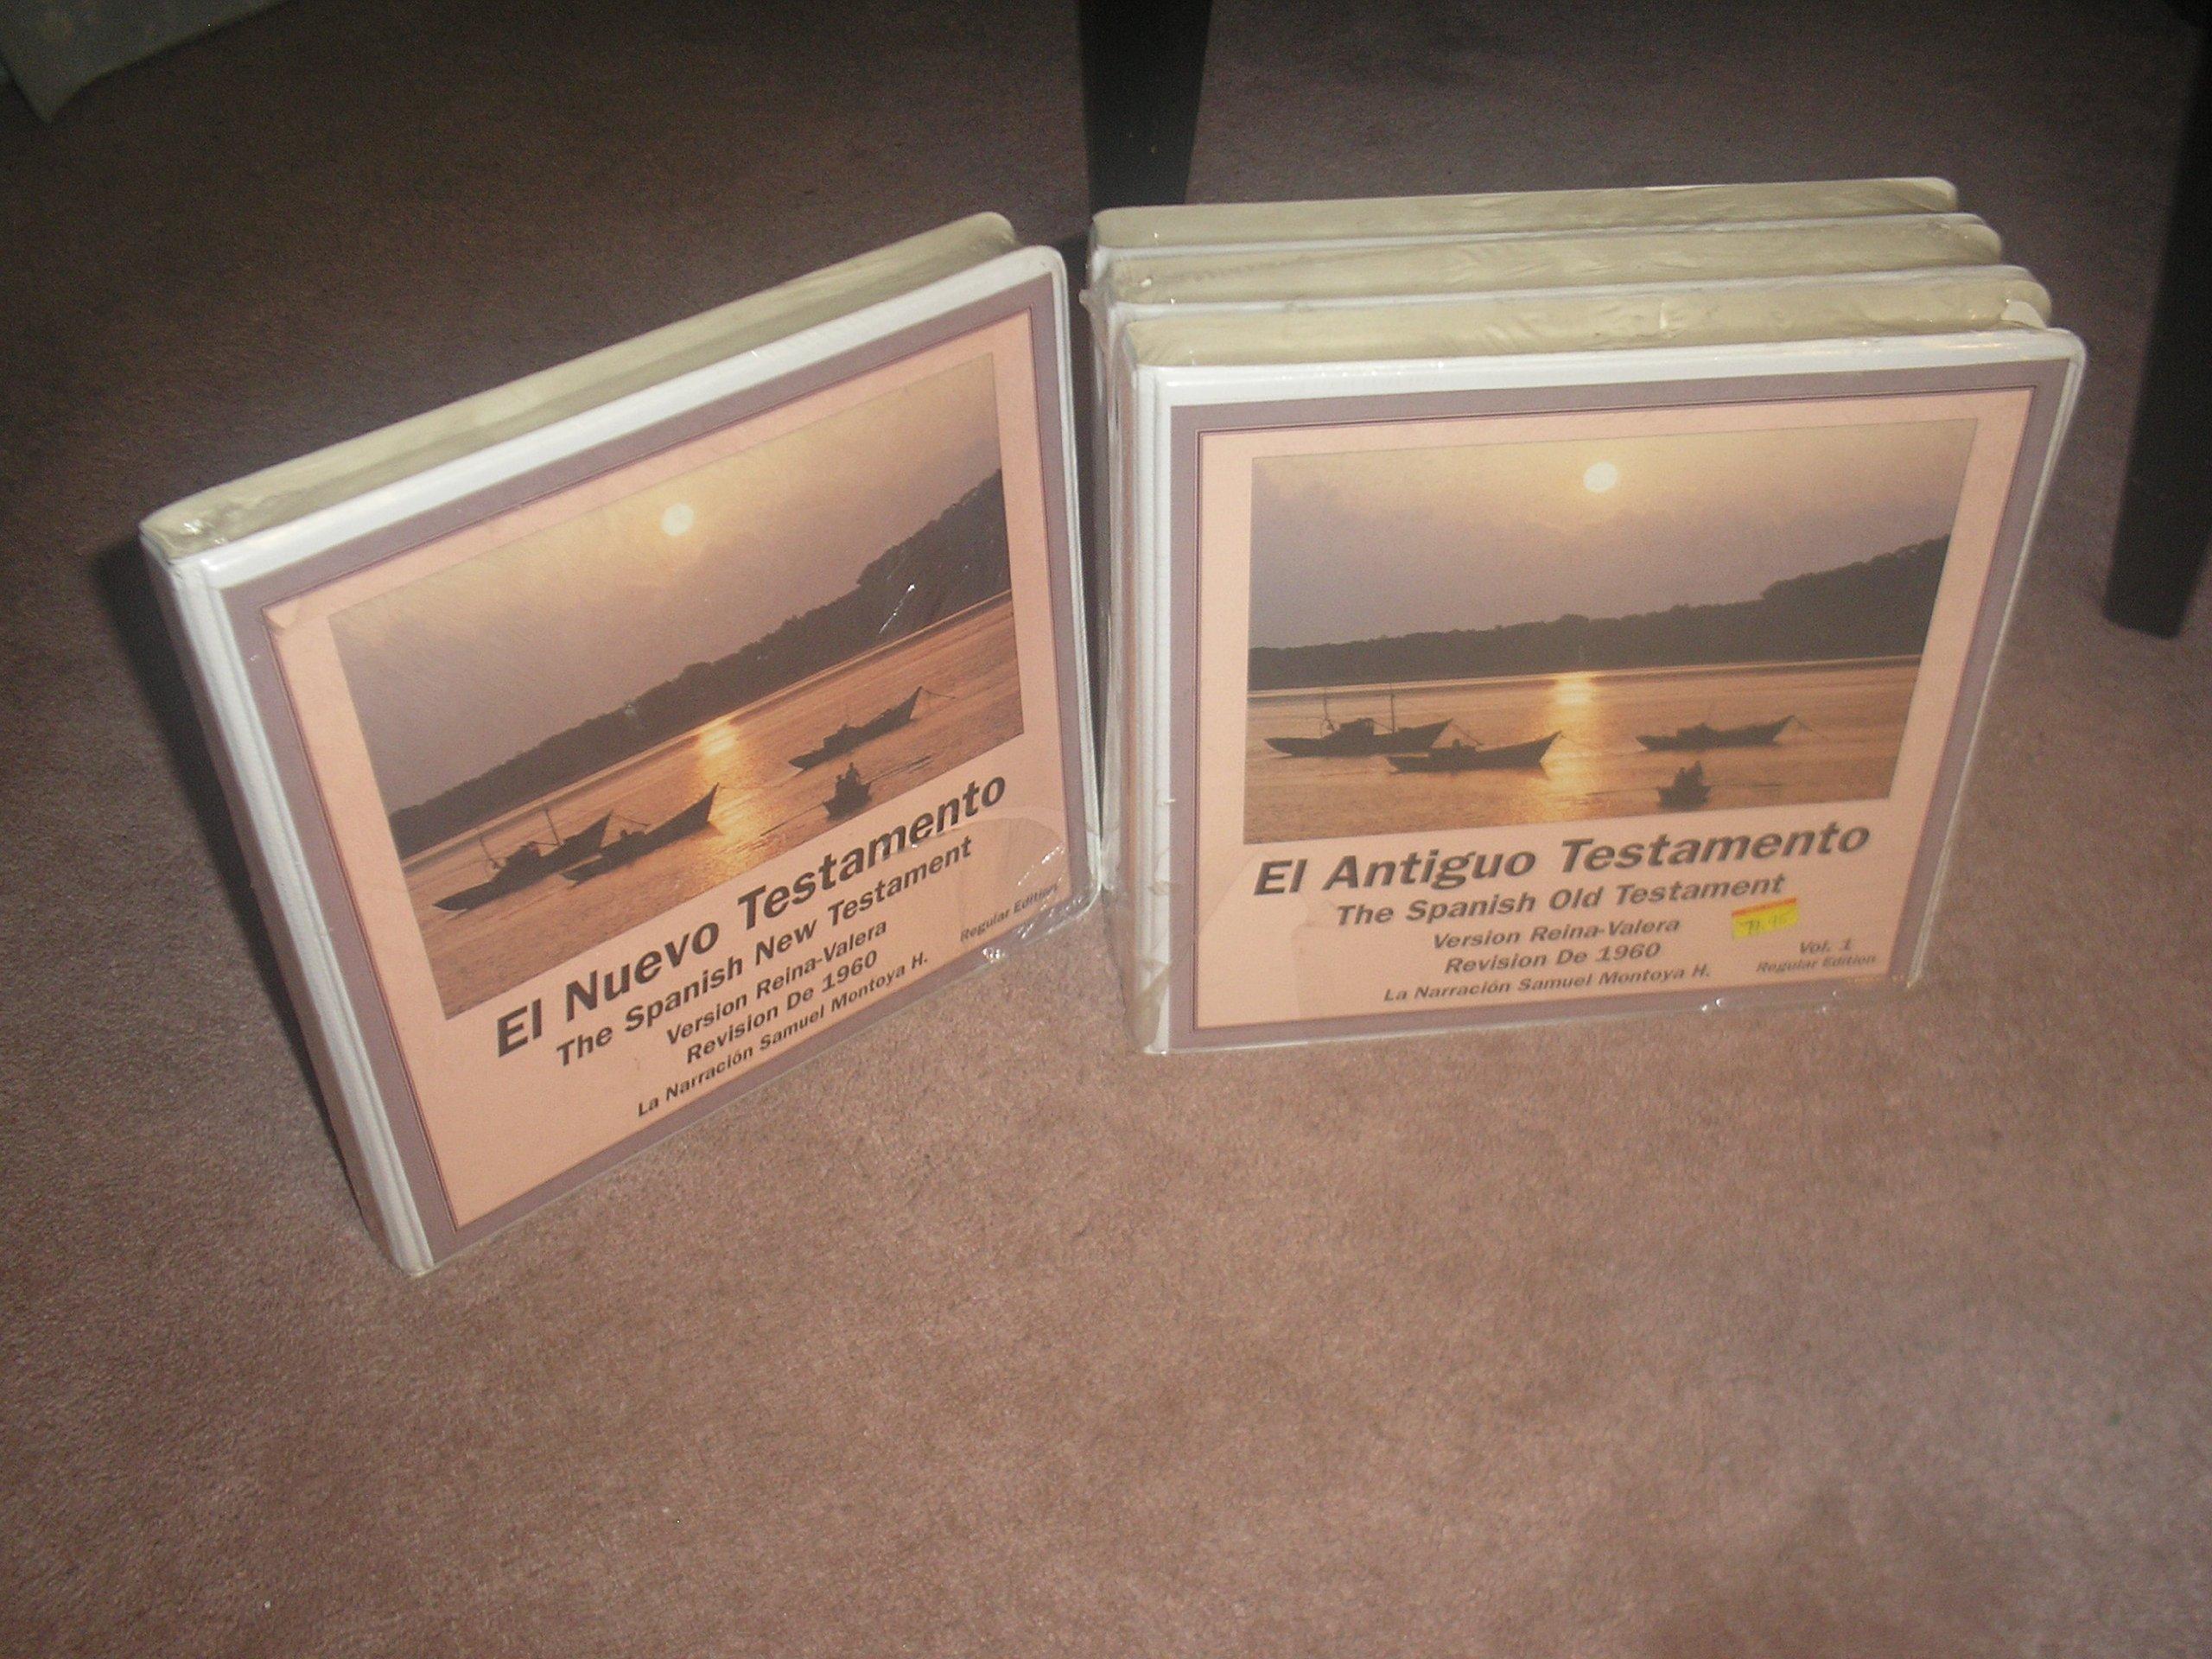 El Nuevo Complete Reina-valera Version Bible on Cassette Audio, Cassette – 1981